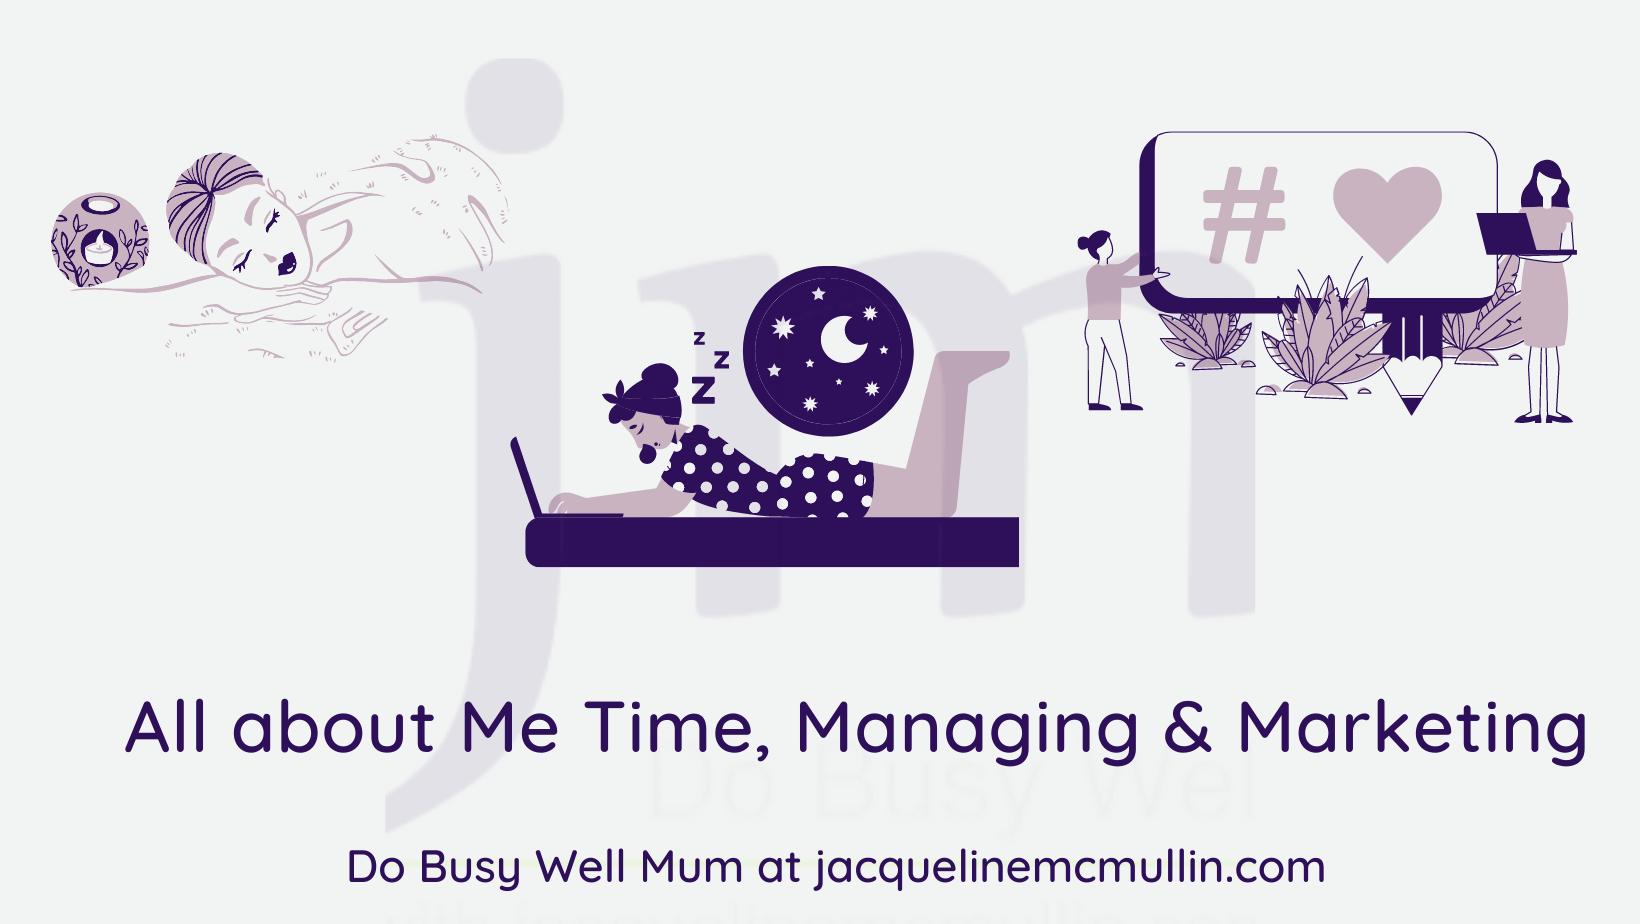 Do Busy Well Mum